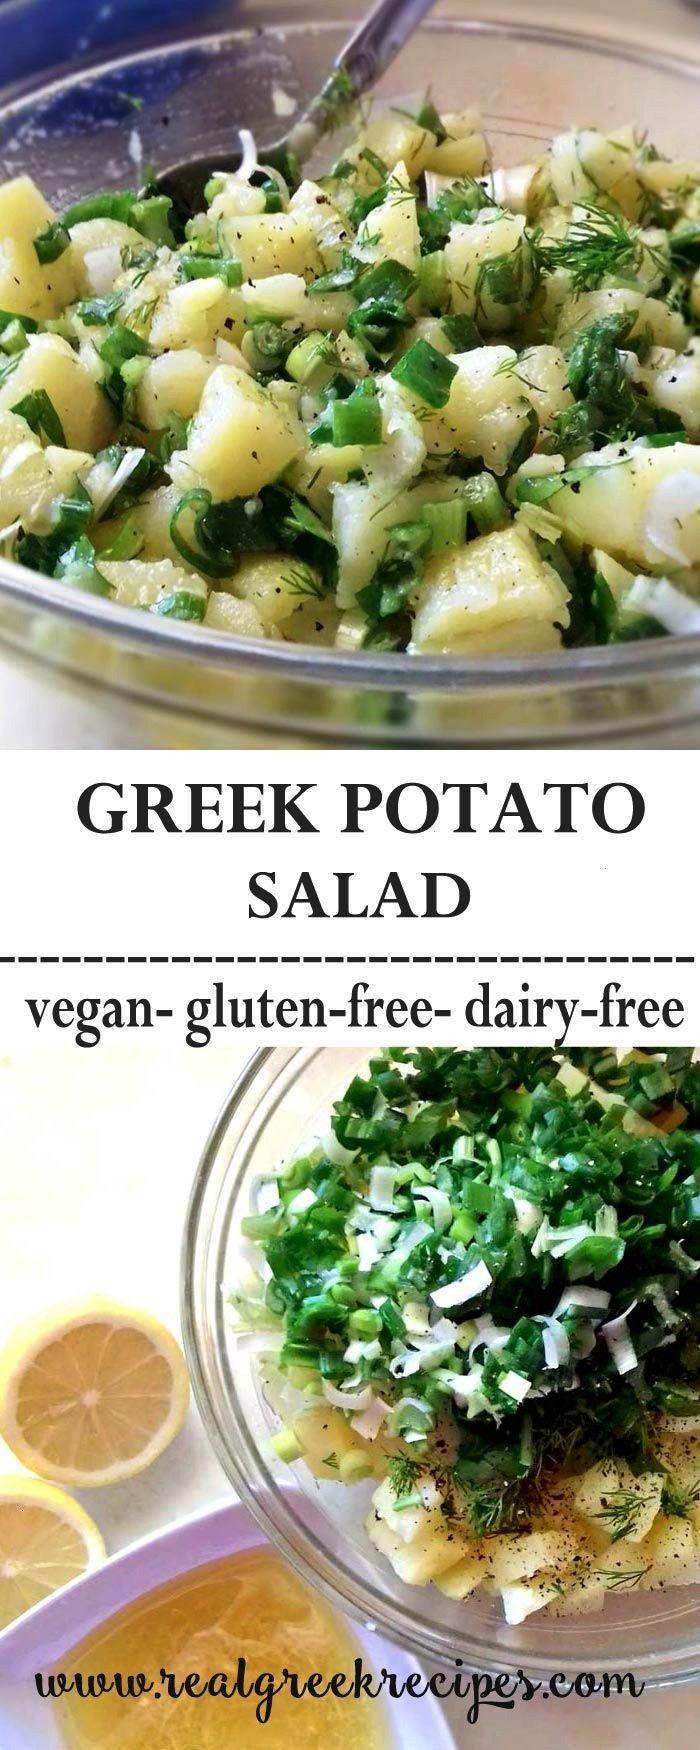 potato salad with garlic, lemon and fresh herbs Greek potato salad with garlic, lemon and fresh her